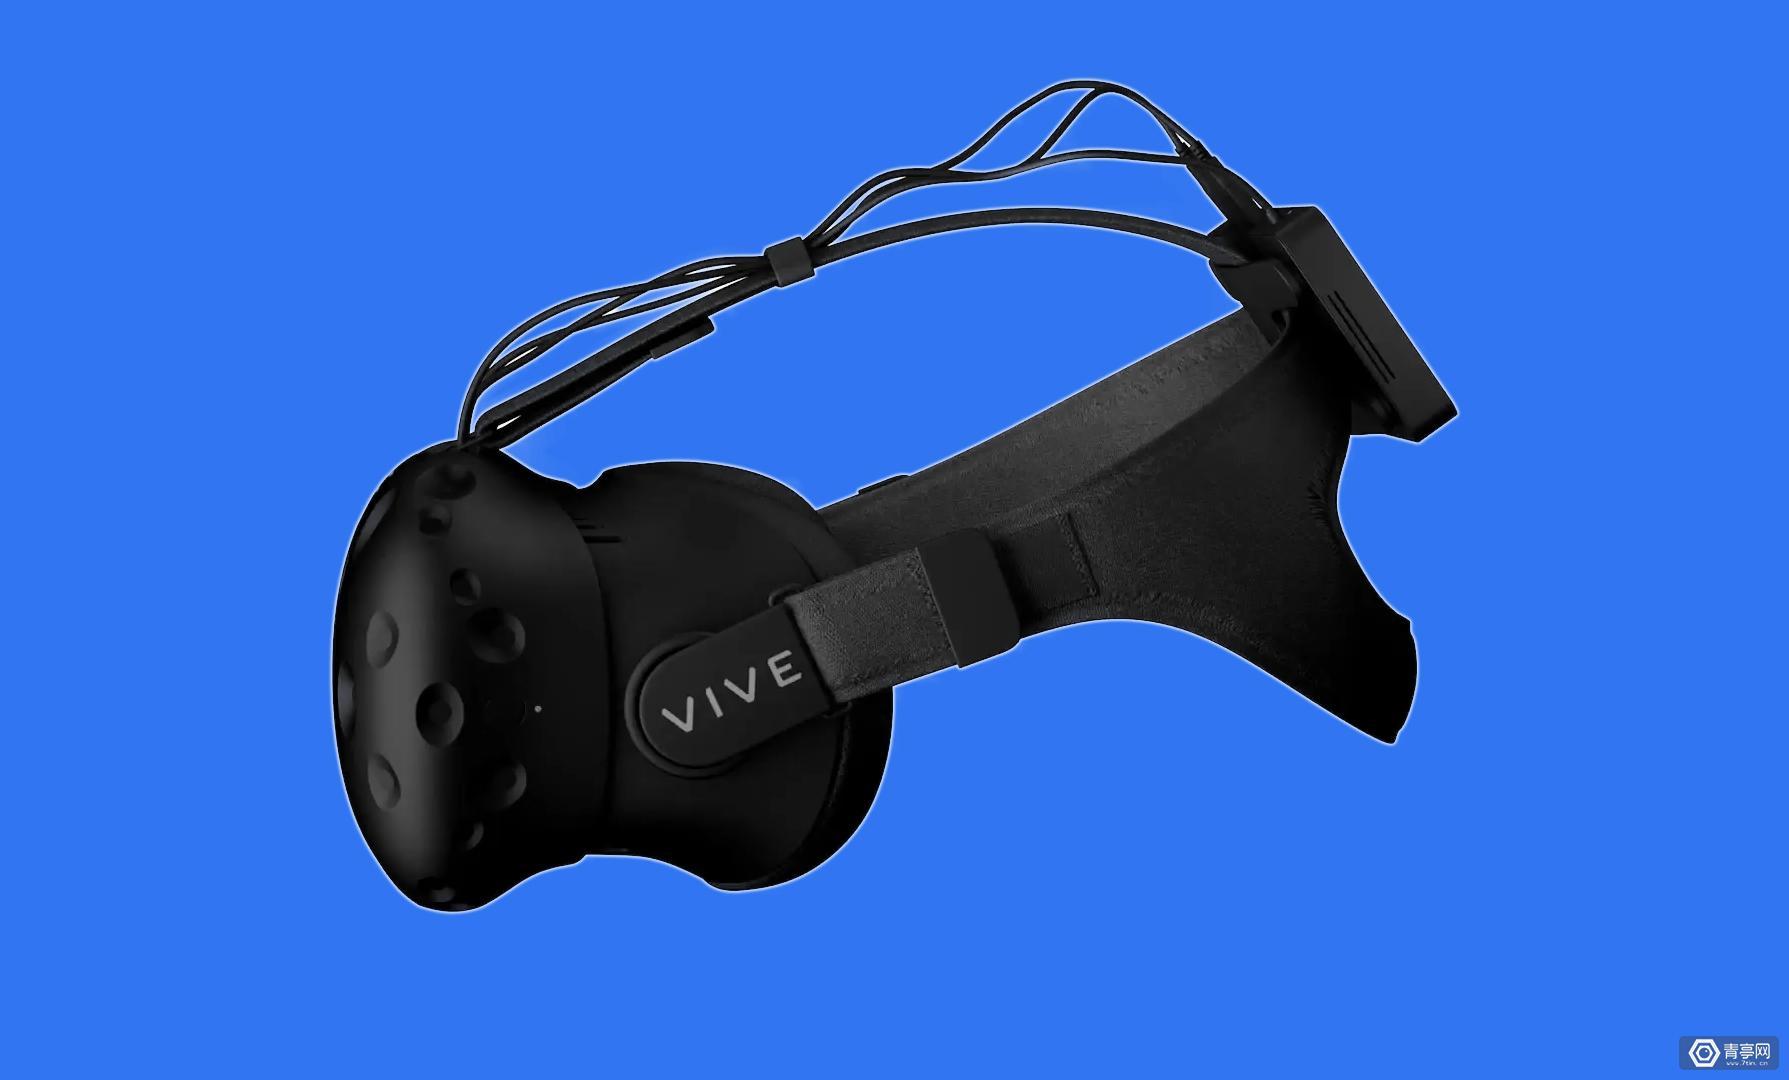 新品 | Vive、Oculus都能用?无线VR头盔套件六十美金预定中